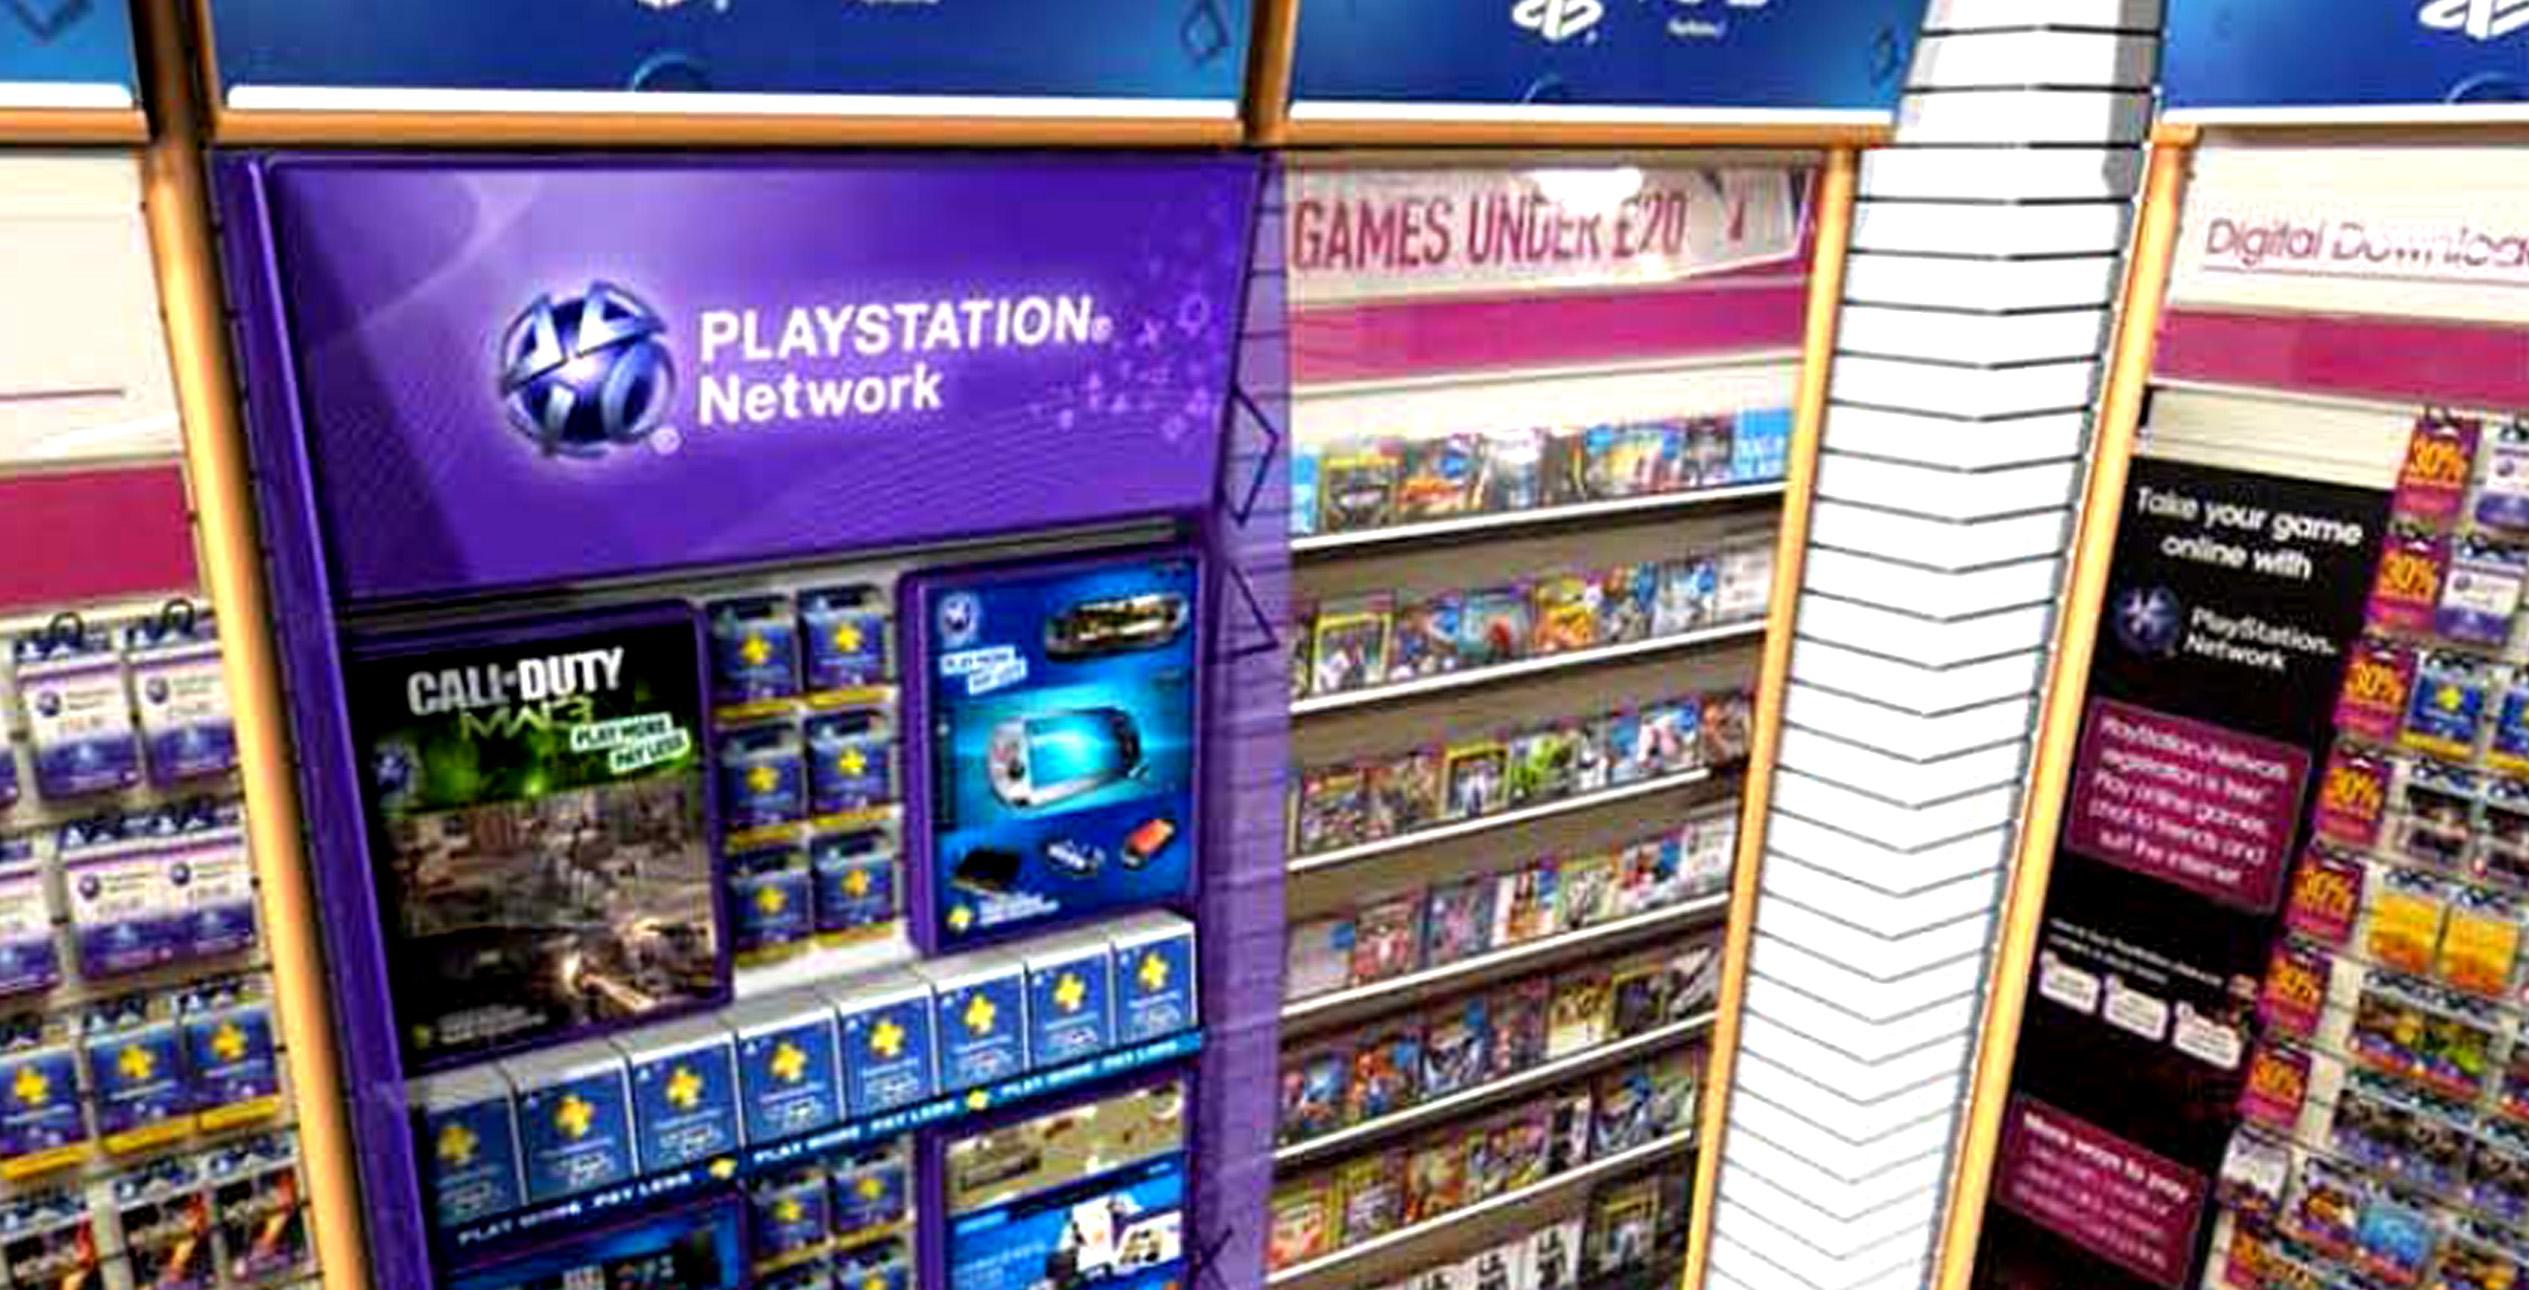 Sony Playstation Displays